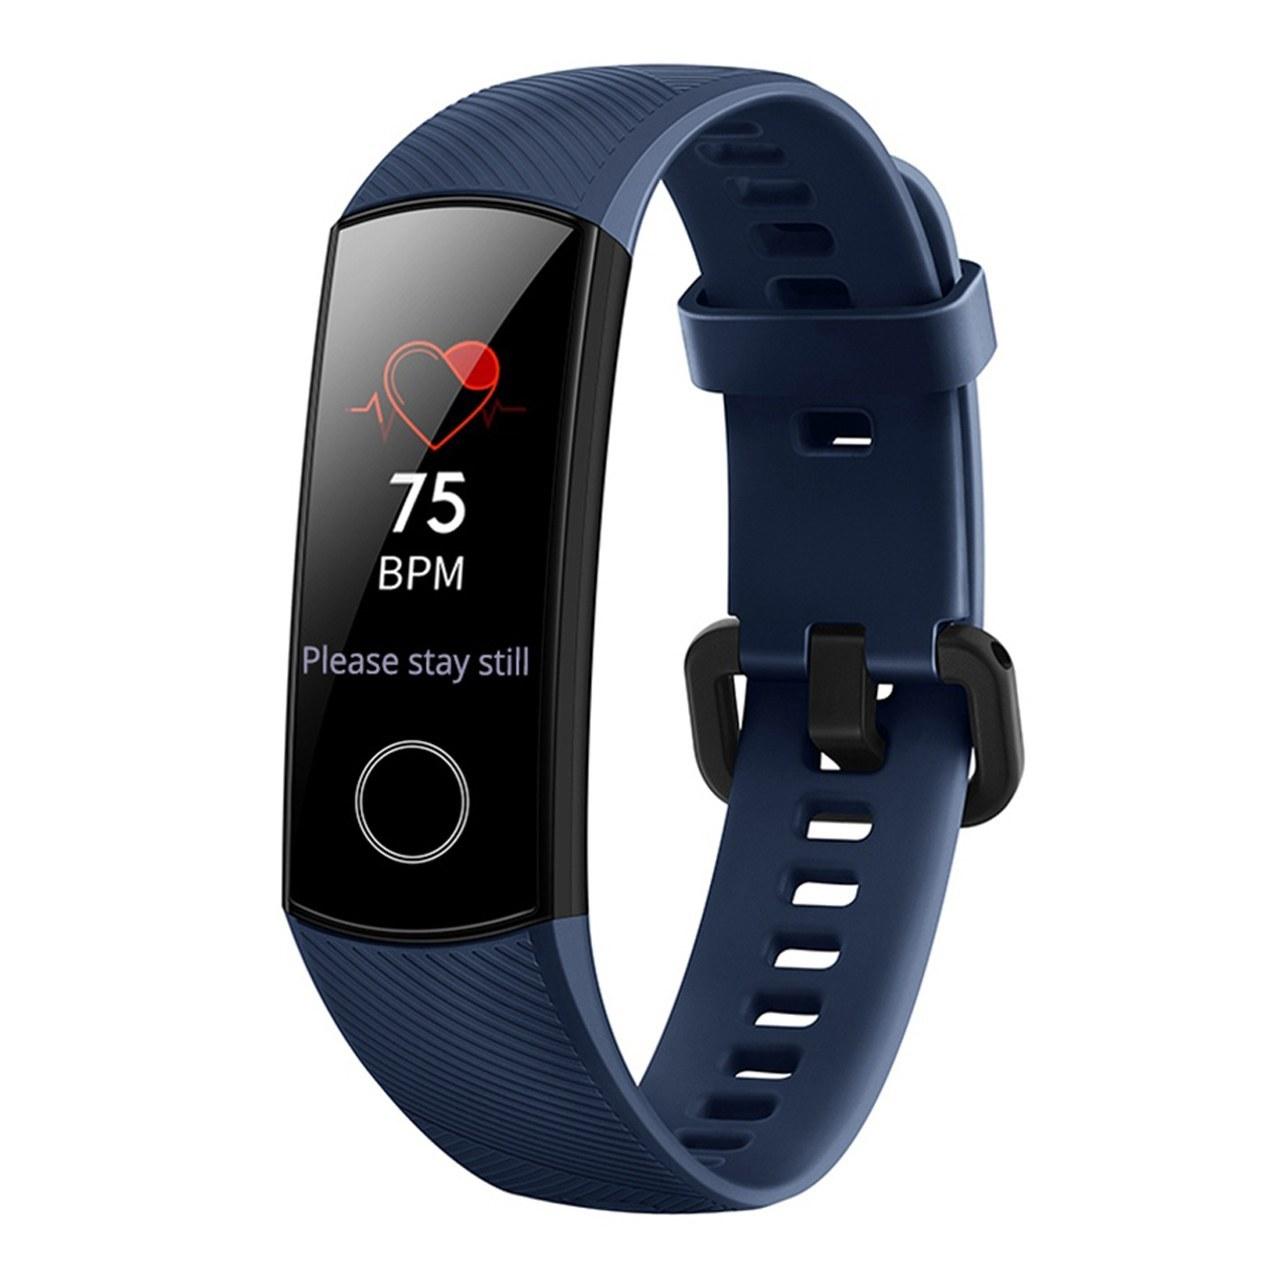 تصویر HUAWEI HONOR Band 4 – ساعت هوشمند هوآوی هانر بند ۴ ا Huawei honor band 4 smart watch Huawei honor band 4 smart watch